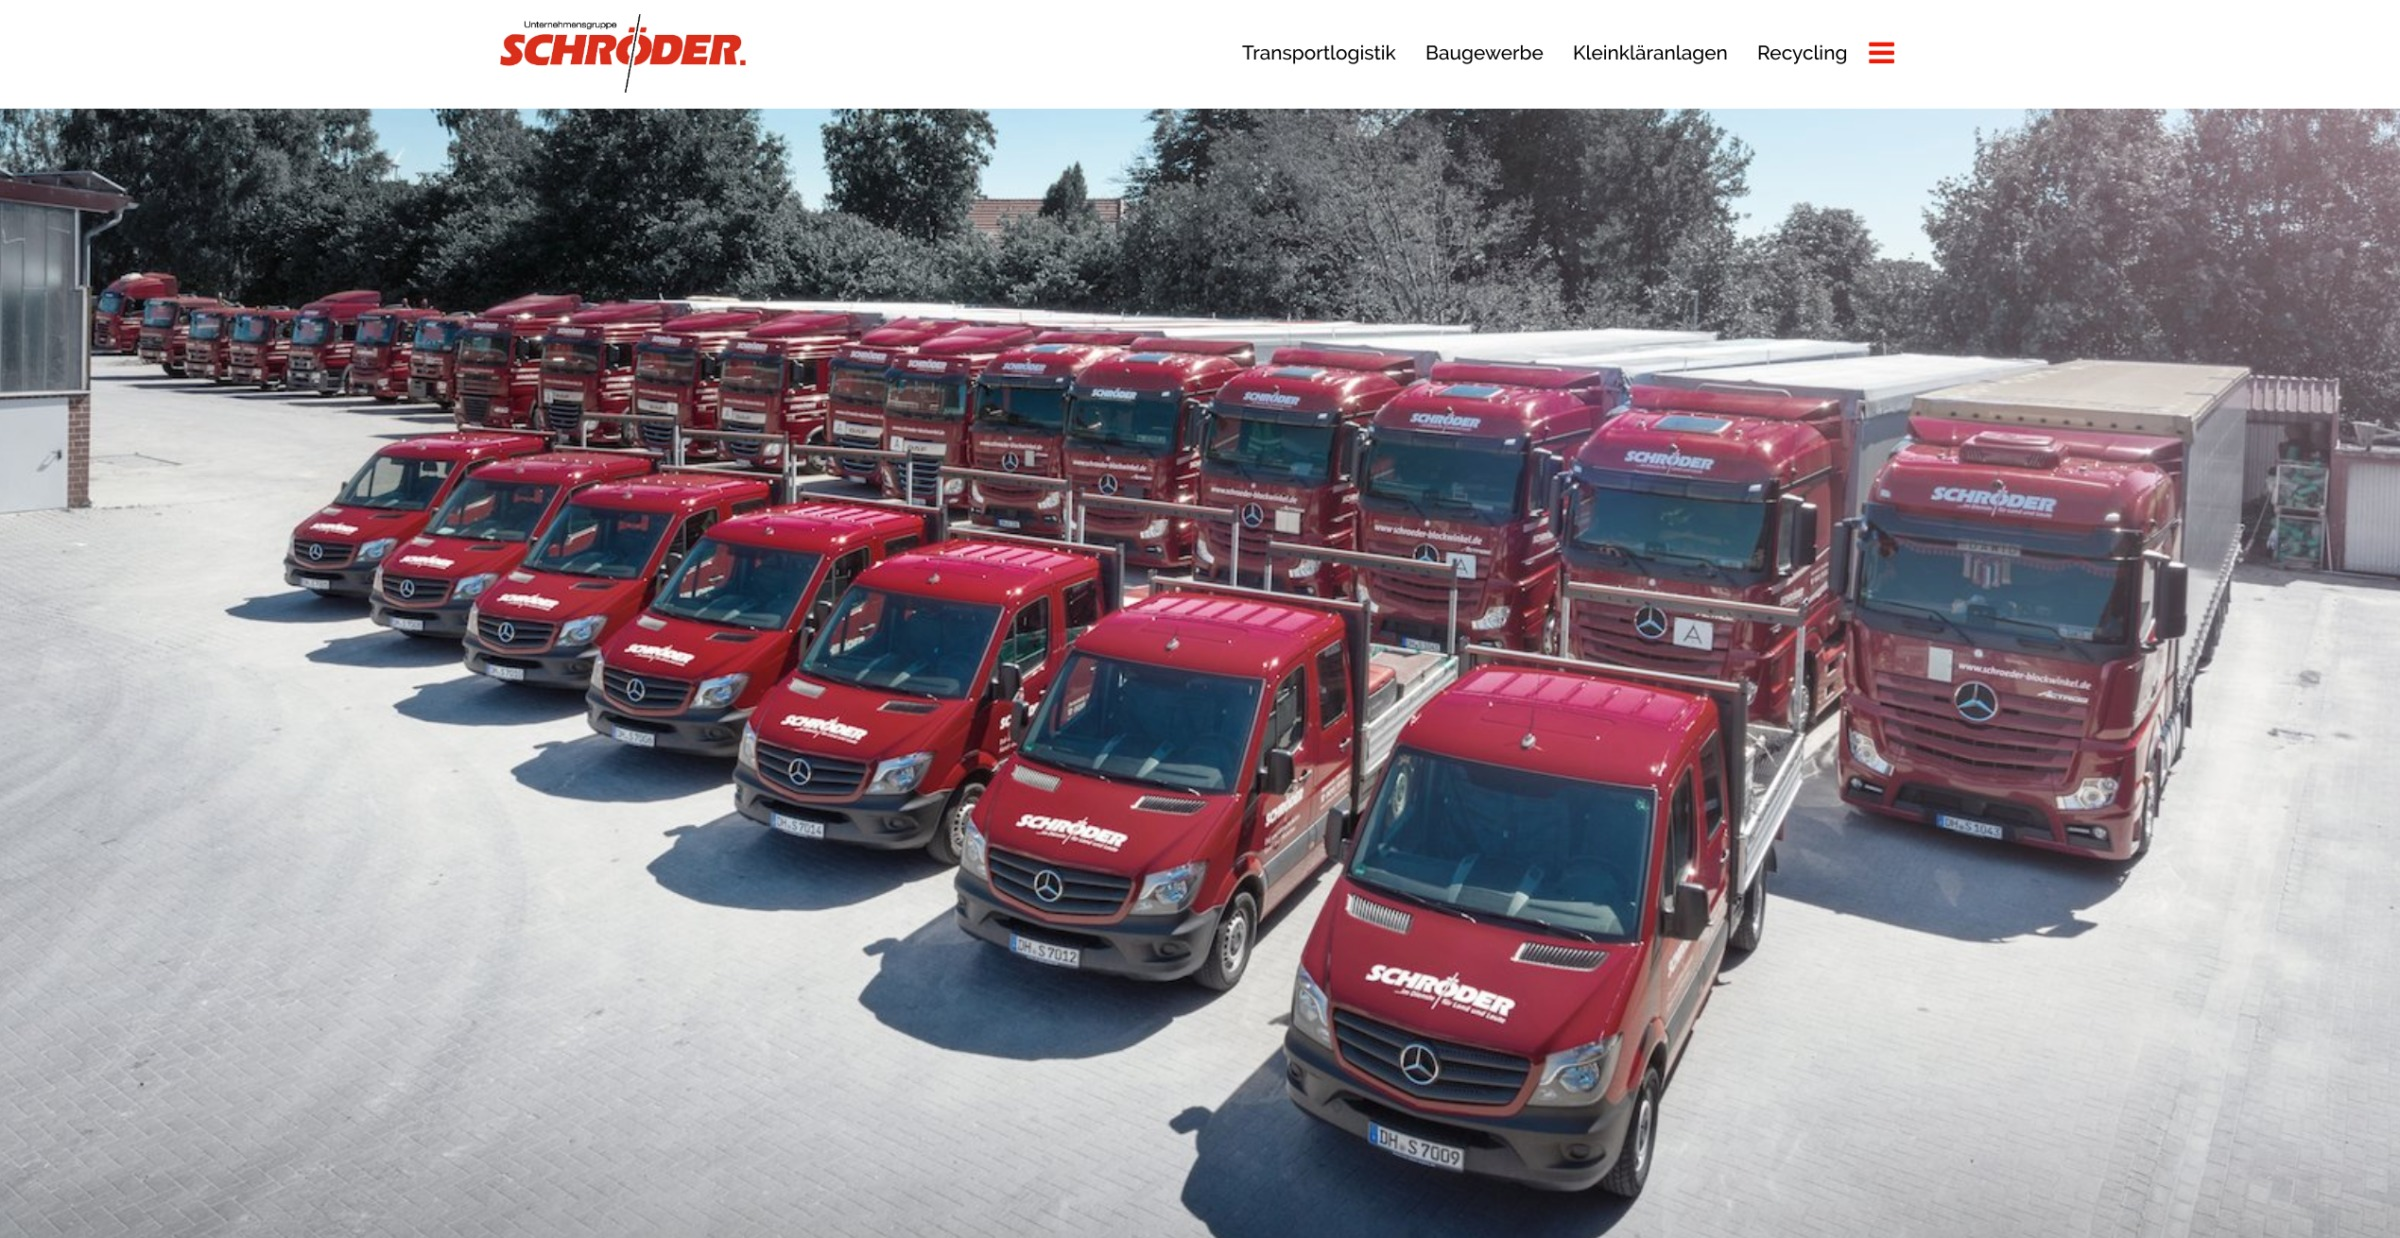 Schröder GmbH & Co.KG